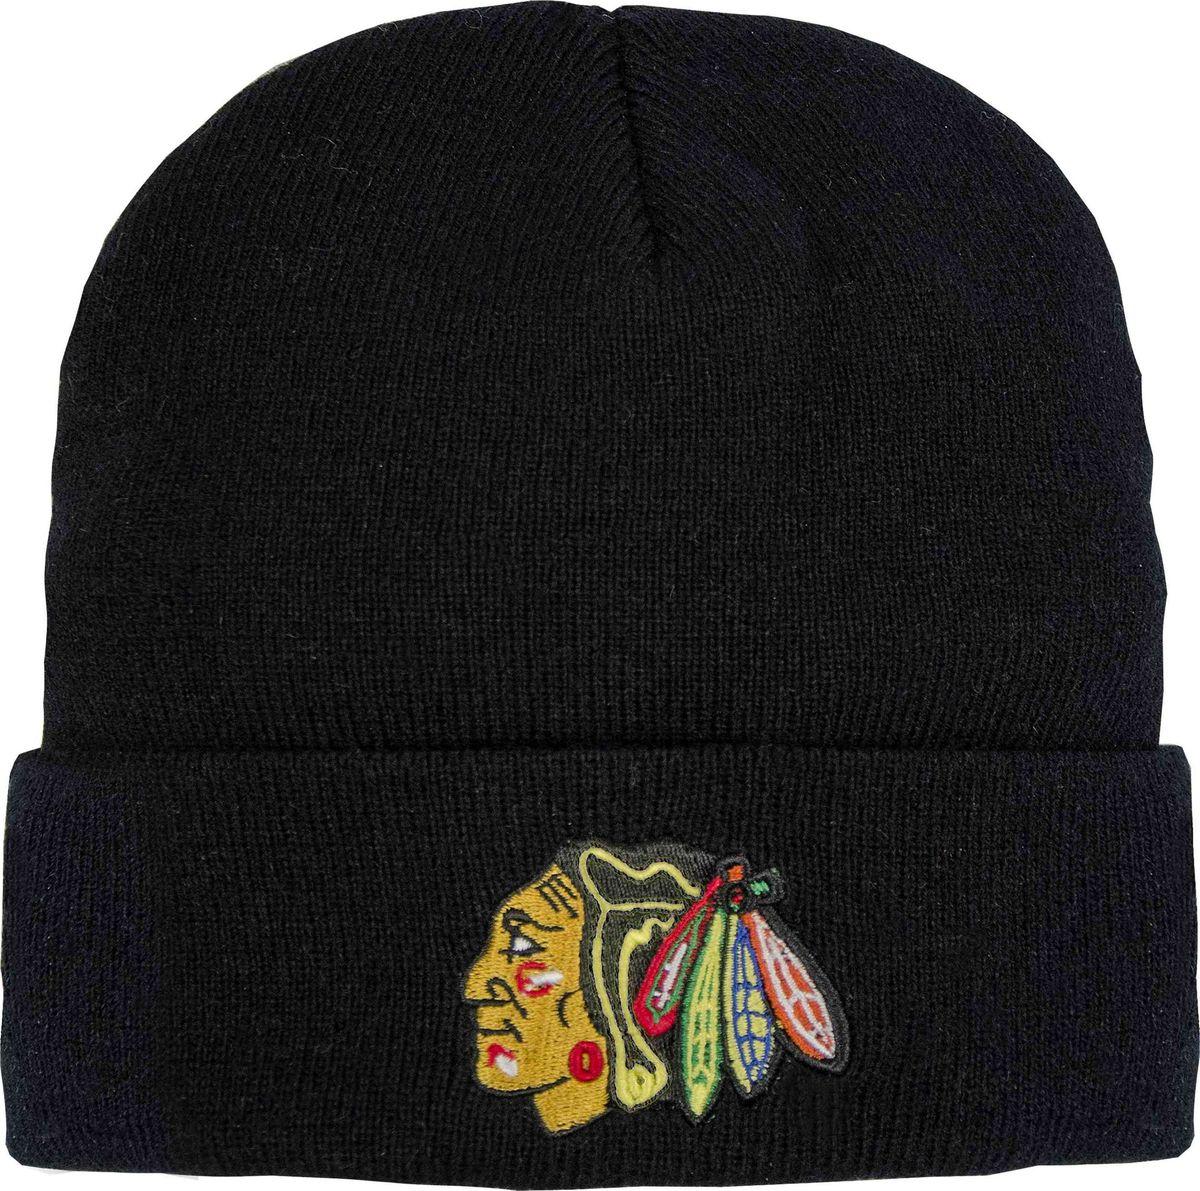 Мужская шапка с отворотом Atributika & Club снабжена объемным вышитым логотипом команды. Выполнена из 100% акрила. Данная шапка является сертифицированным продуктом НХЛ, упакована в индивидуальную упаковку, защищена голограммой, имеет уникальный штрих код.